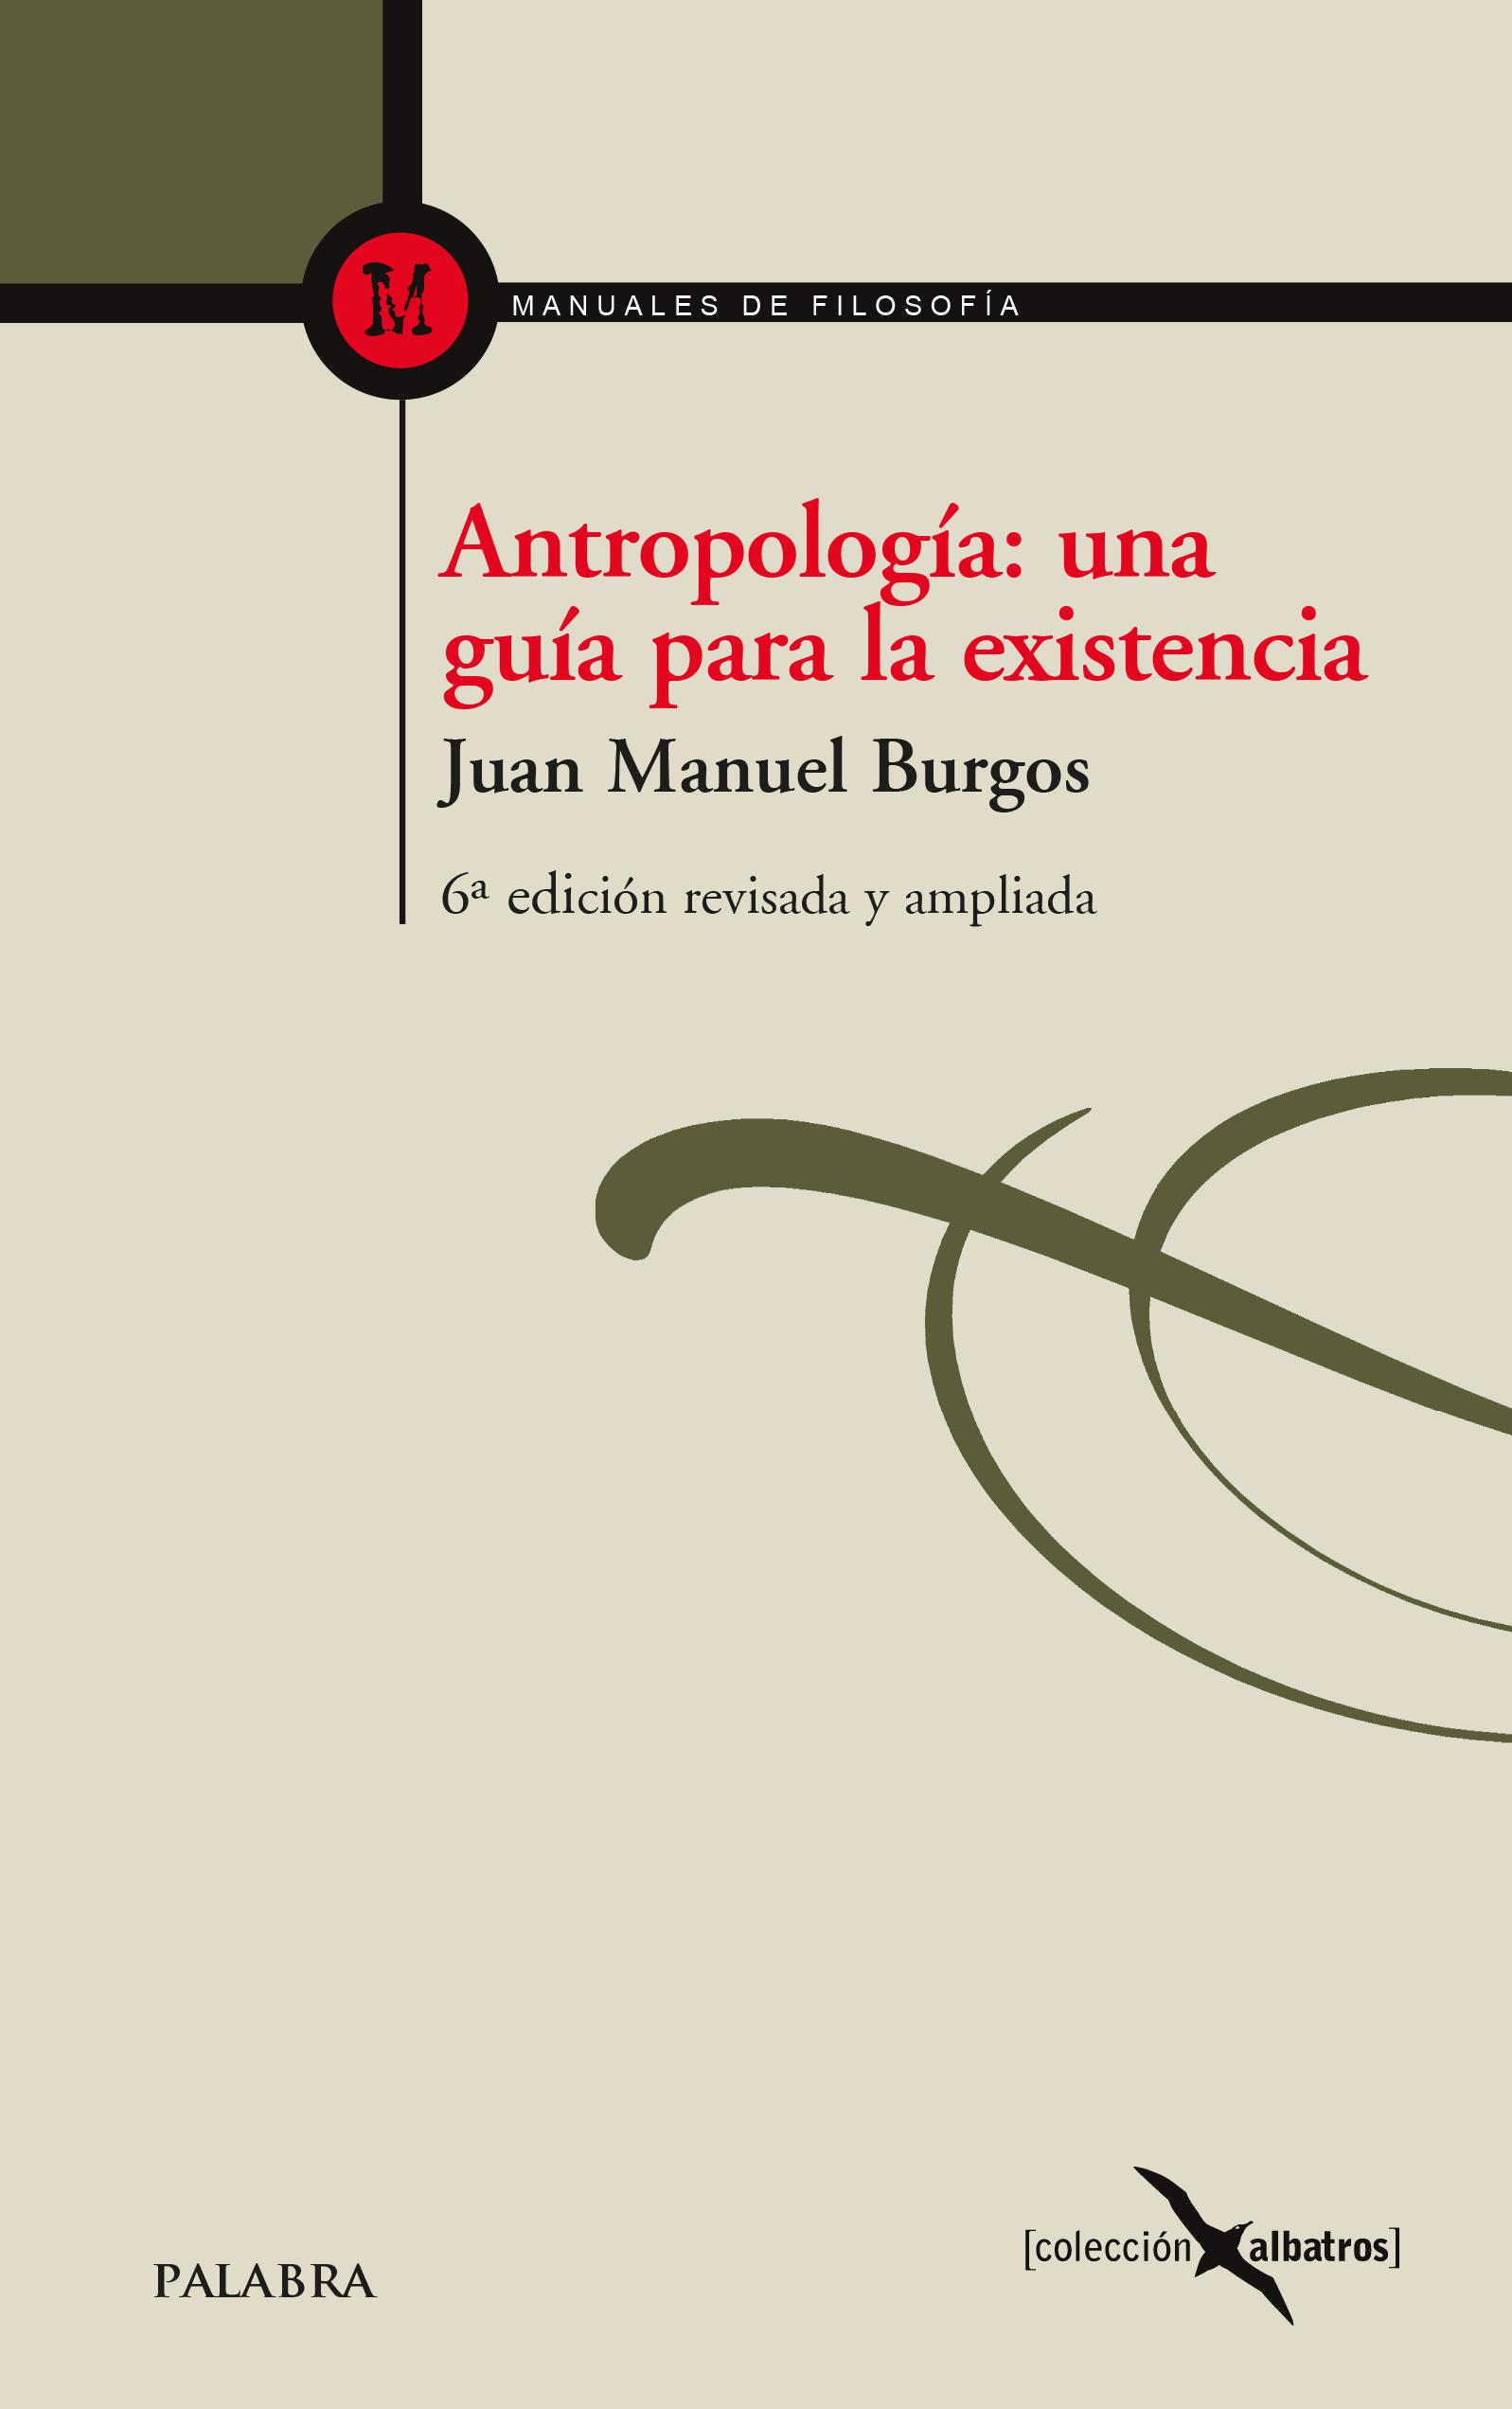 Antropología: una guía para la existencia de Juan Manuel Burgos